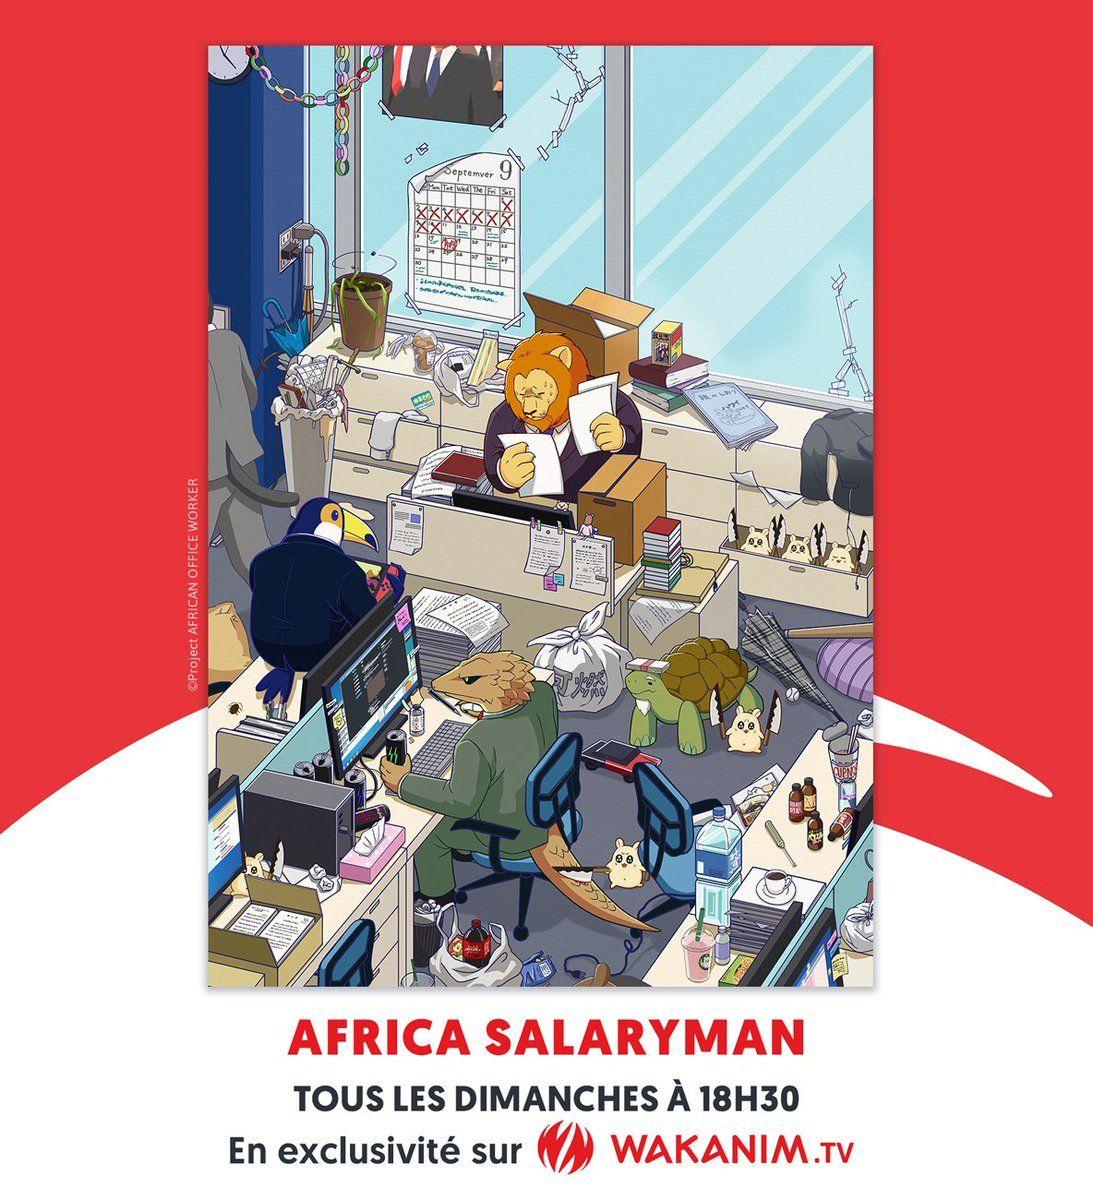 africa-salaryman-annonce-wakanim.jpg